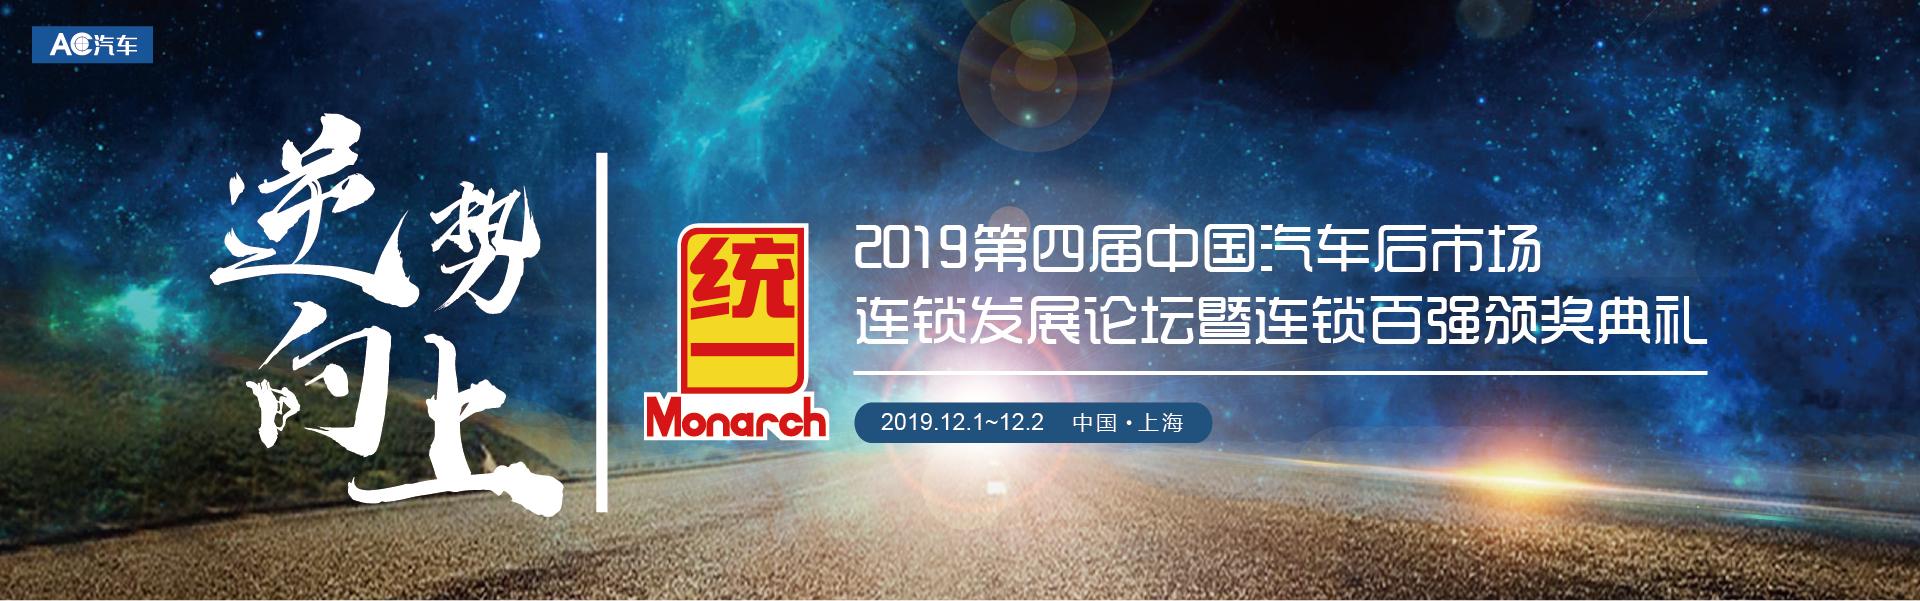 12.2上海!2019第四届中国汽车后市场连锁发展论坛暨连锁百强颁奖典礼